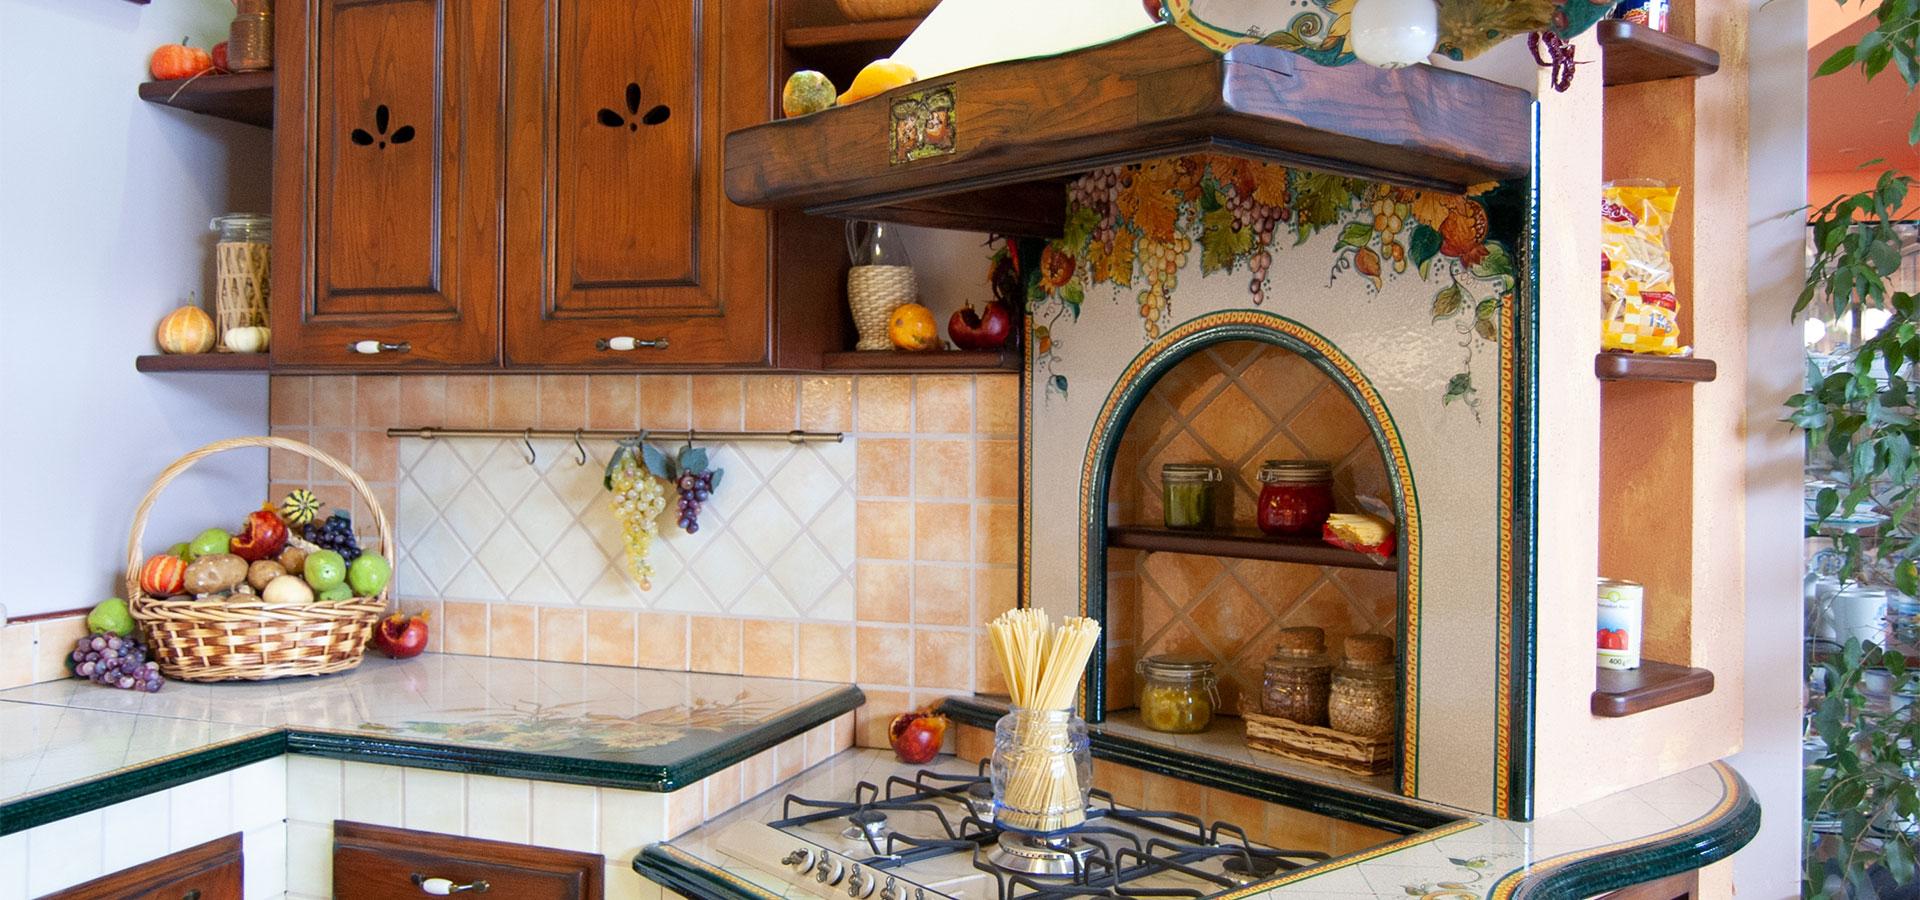 Cucine in finta muratura smontabile modello milano - Arte sole cucine ...